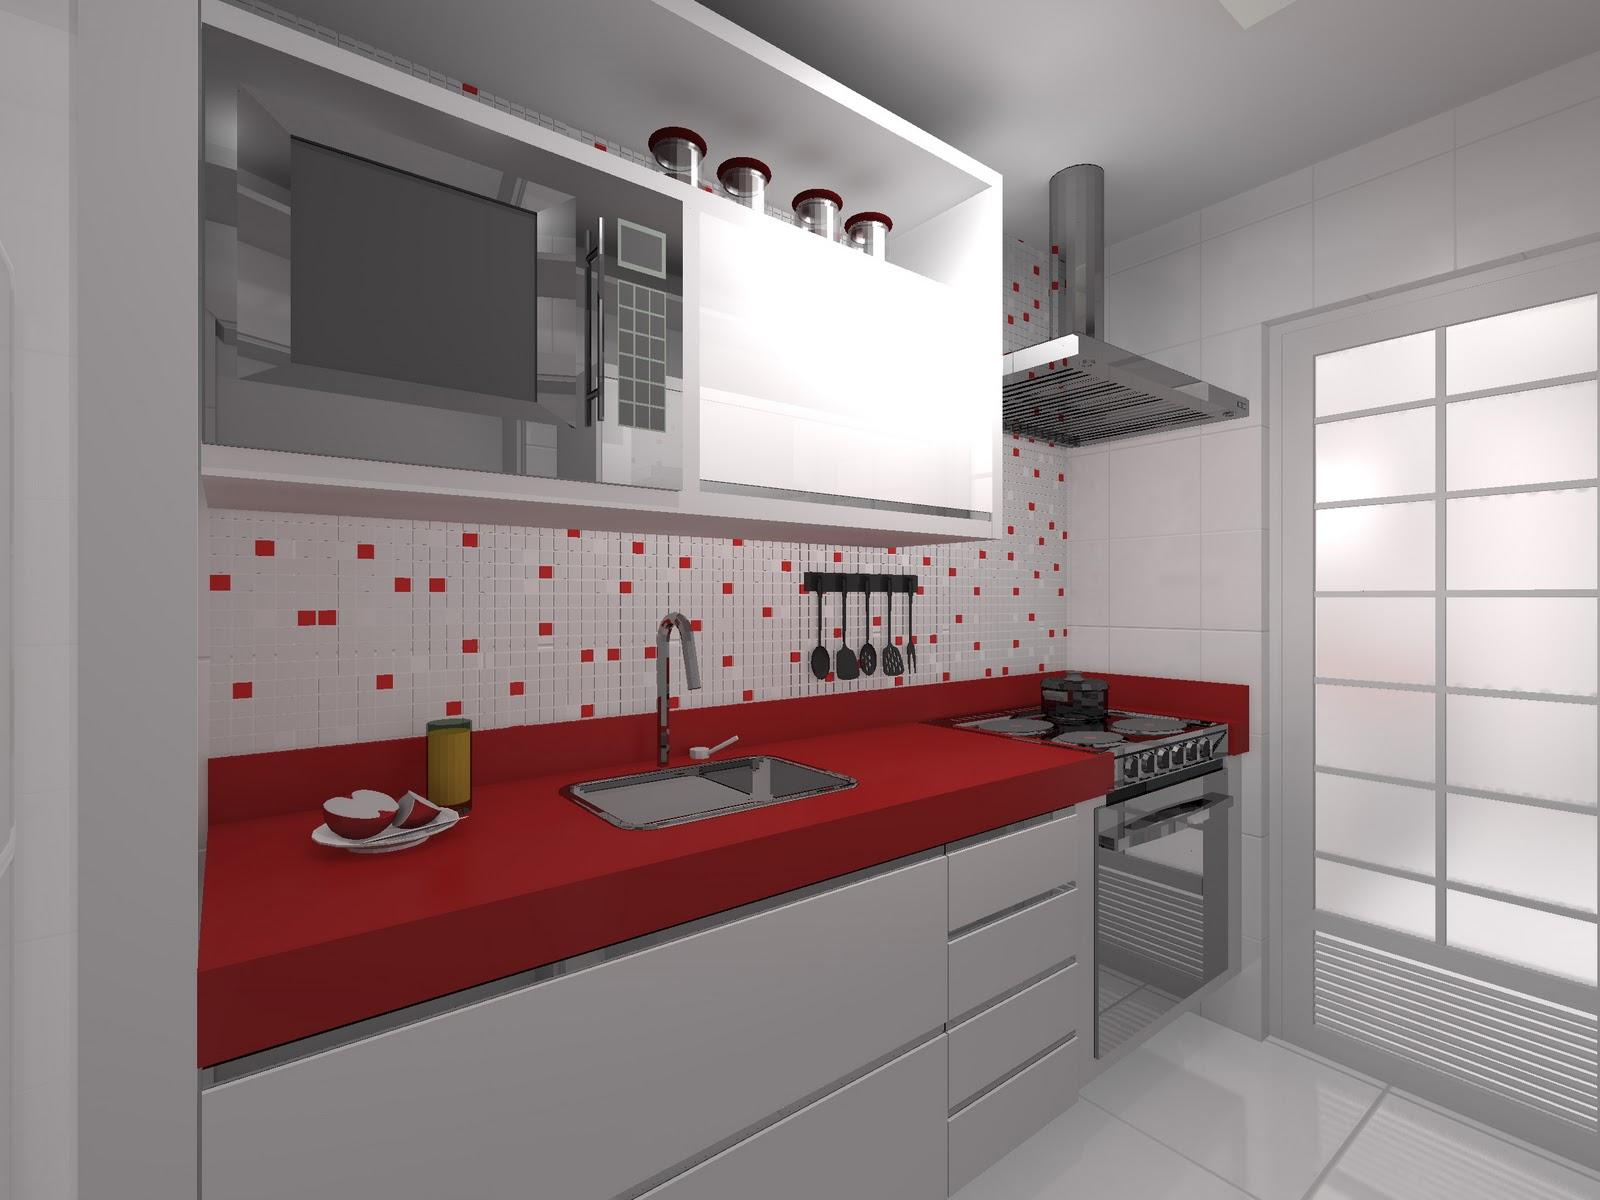 de Interiores  Maquetes 3d: Trabalhos Freelancer Desenho 3D/ Cozinhas #6D2020 1600 1200